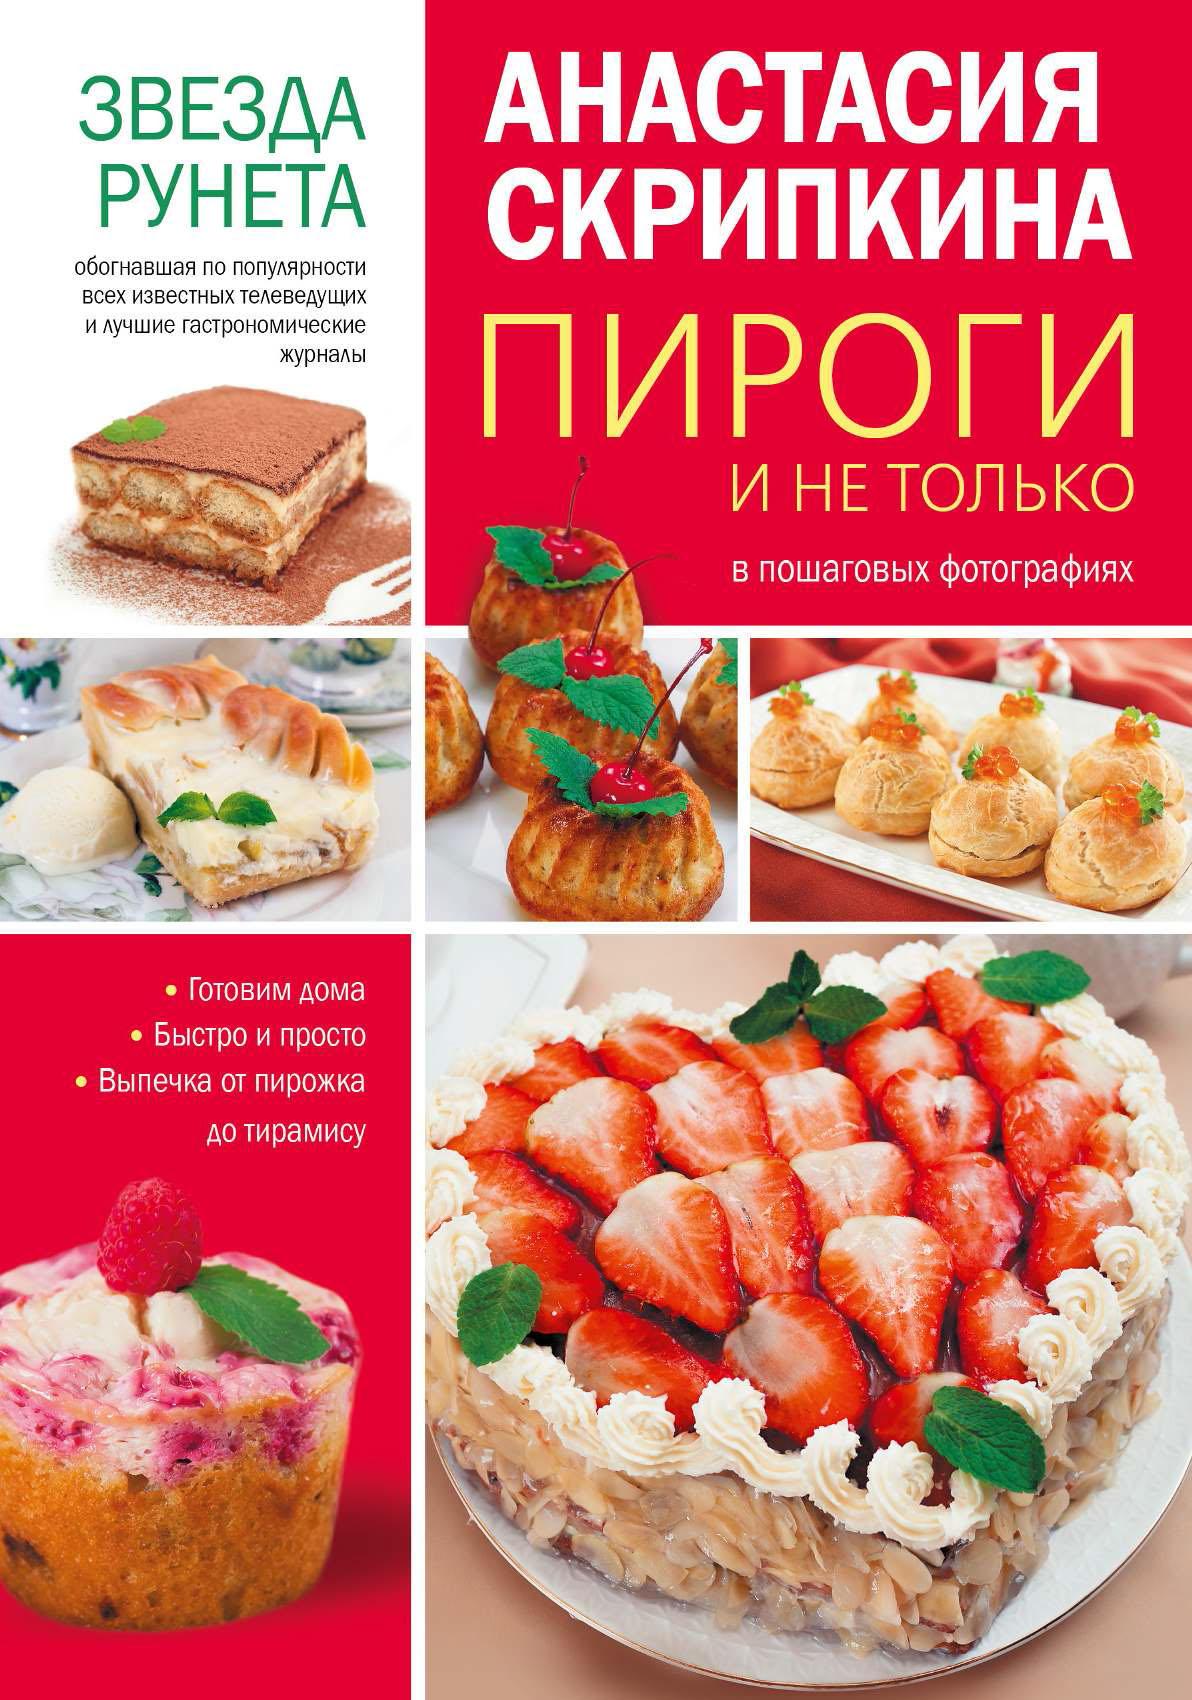 Анастасия Скрипкина Пироги и не только